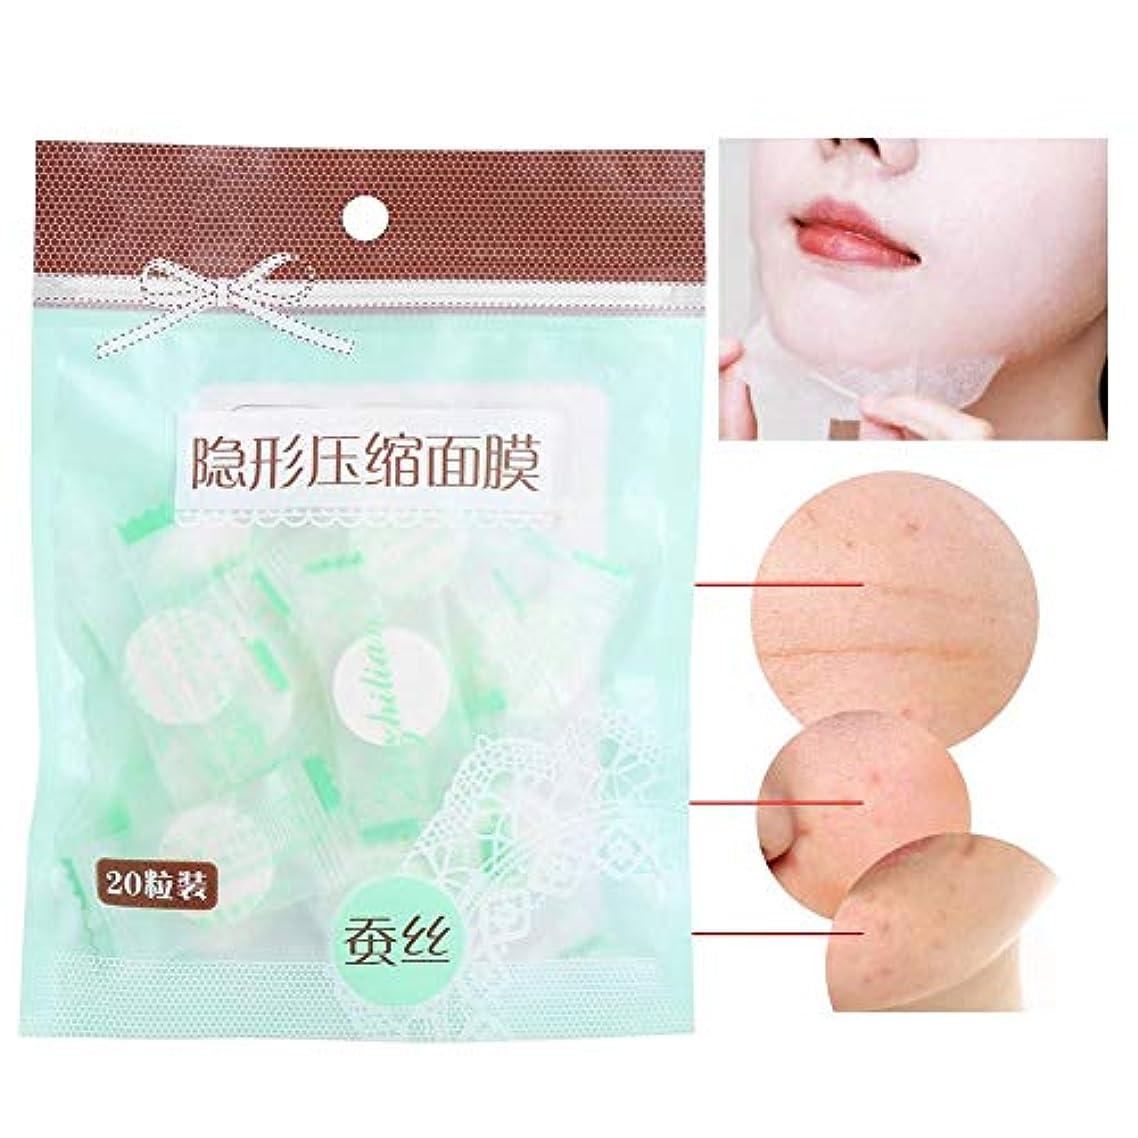 チャット爆弾無許可圧縮 使い捨て 20枚 シルク ナチュラル 保湿 フェイシャルマスクスキンケア DIY 美容メイクアップマスク